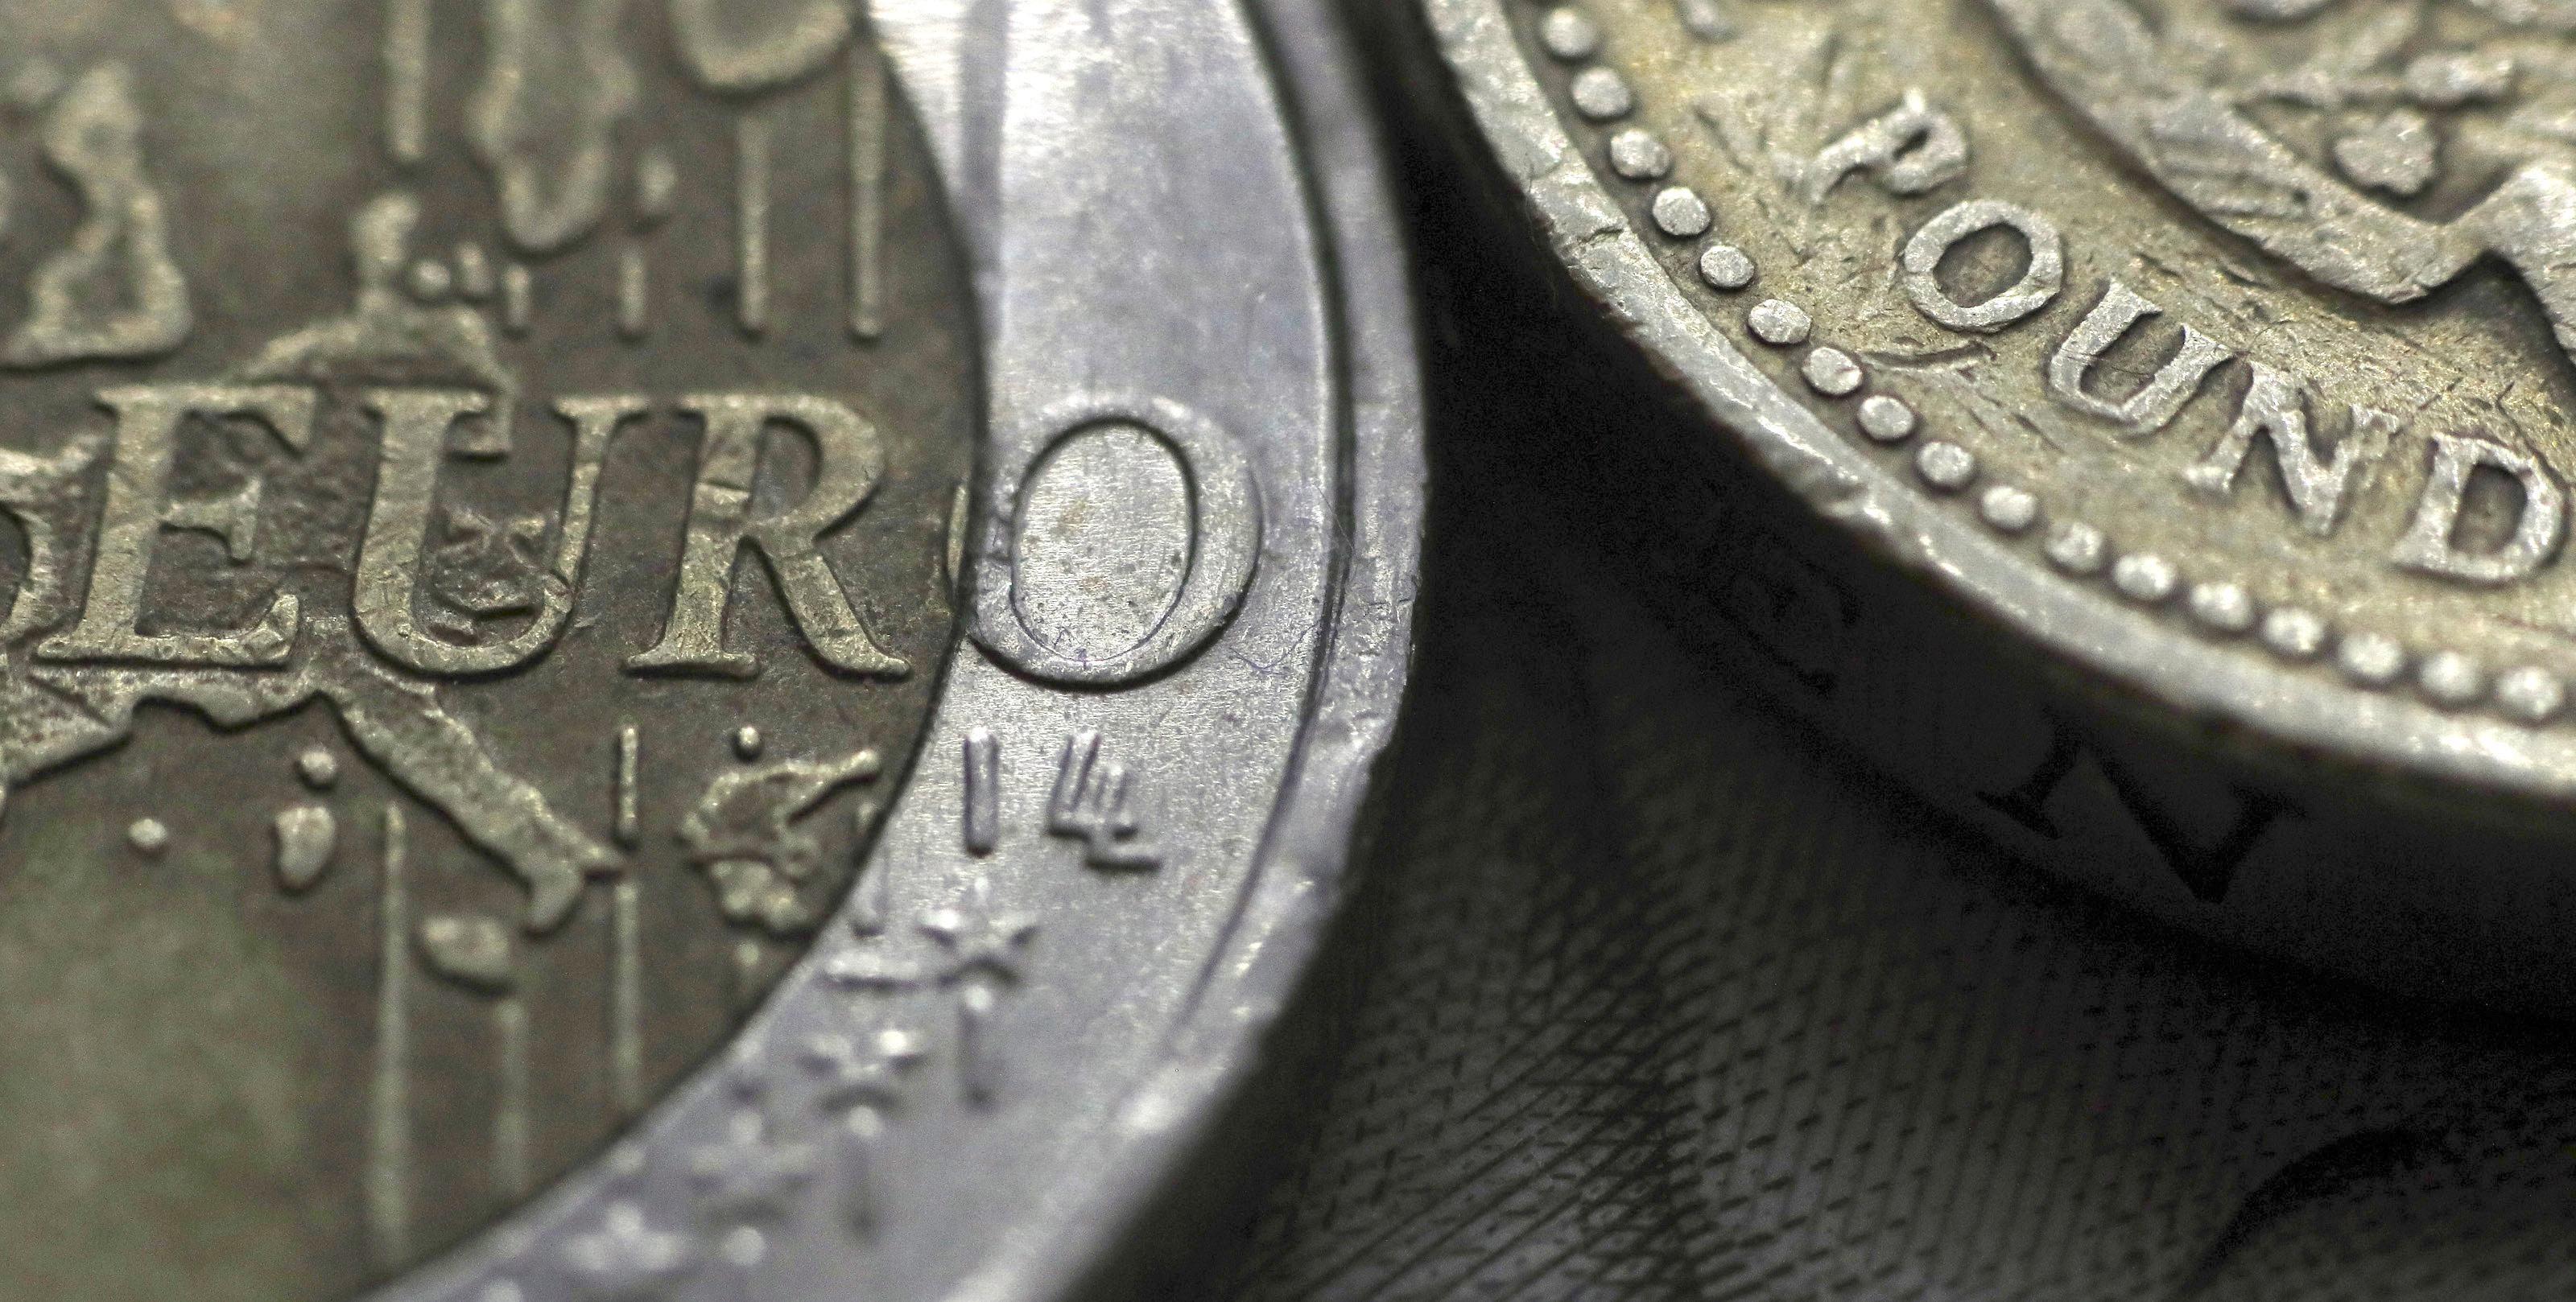 Инвестор изЛондона купил Коммерческий индустриальный банк